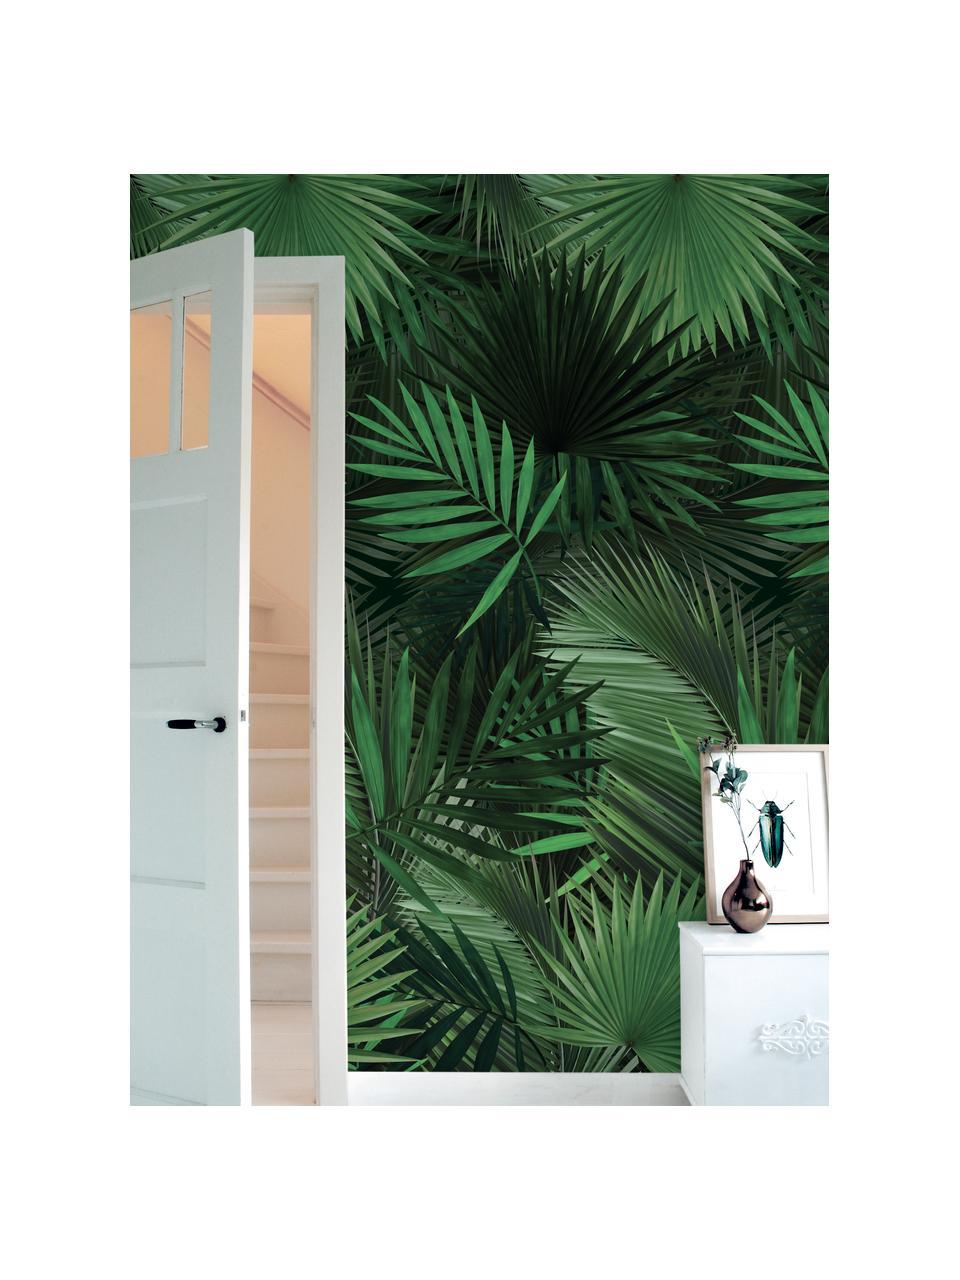 Behang Palm Leaves, Vlies, milieuvriendelijk en biologisch afbreekbaar, Groen, 98 x 280 cm